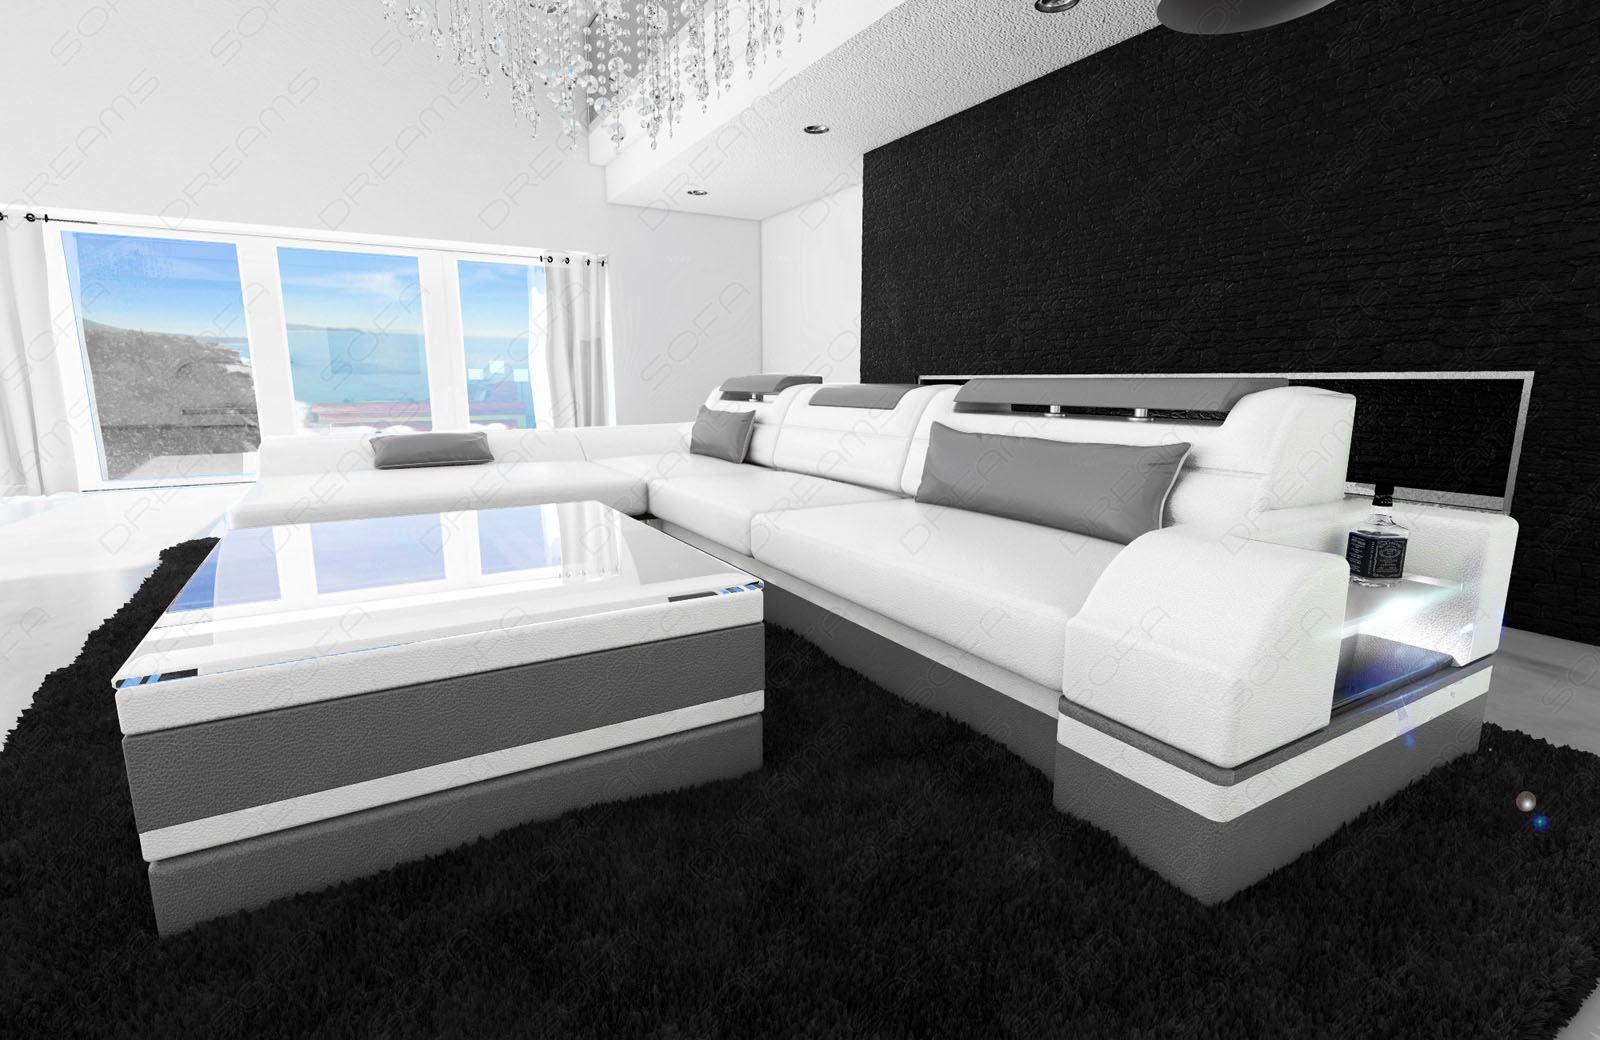 Full Size of Sofa L Form Leder Couch Design Ecksofa Monza Ottomane Weiss Led Einlegeböden Küche Deckenlampe Esstisch Wellness Bad Griesbach Hersteller Bett Liegehöhe 60 Sofa Sofa L Form